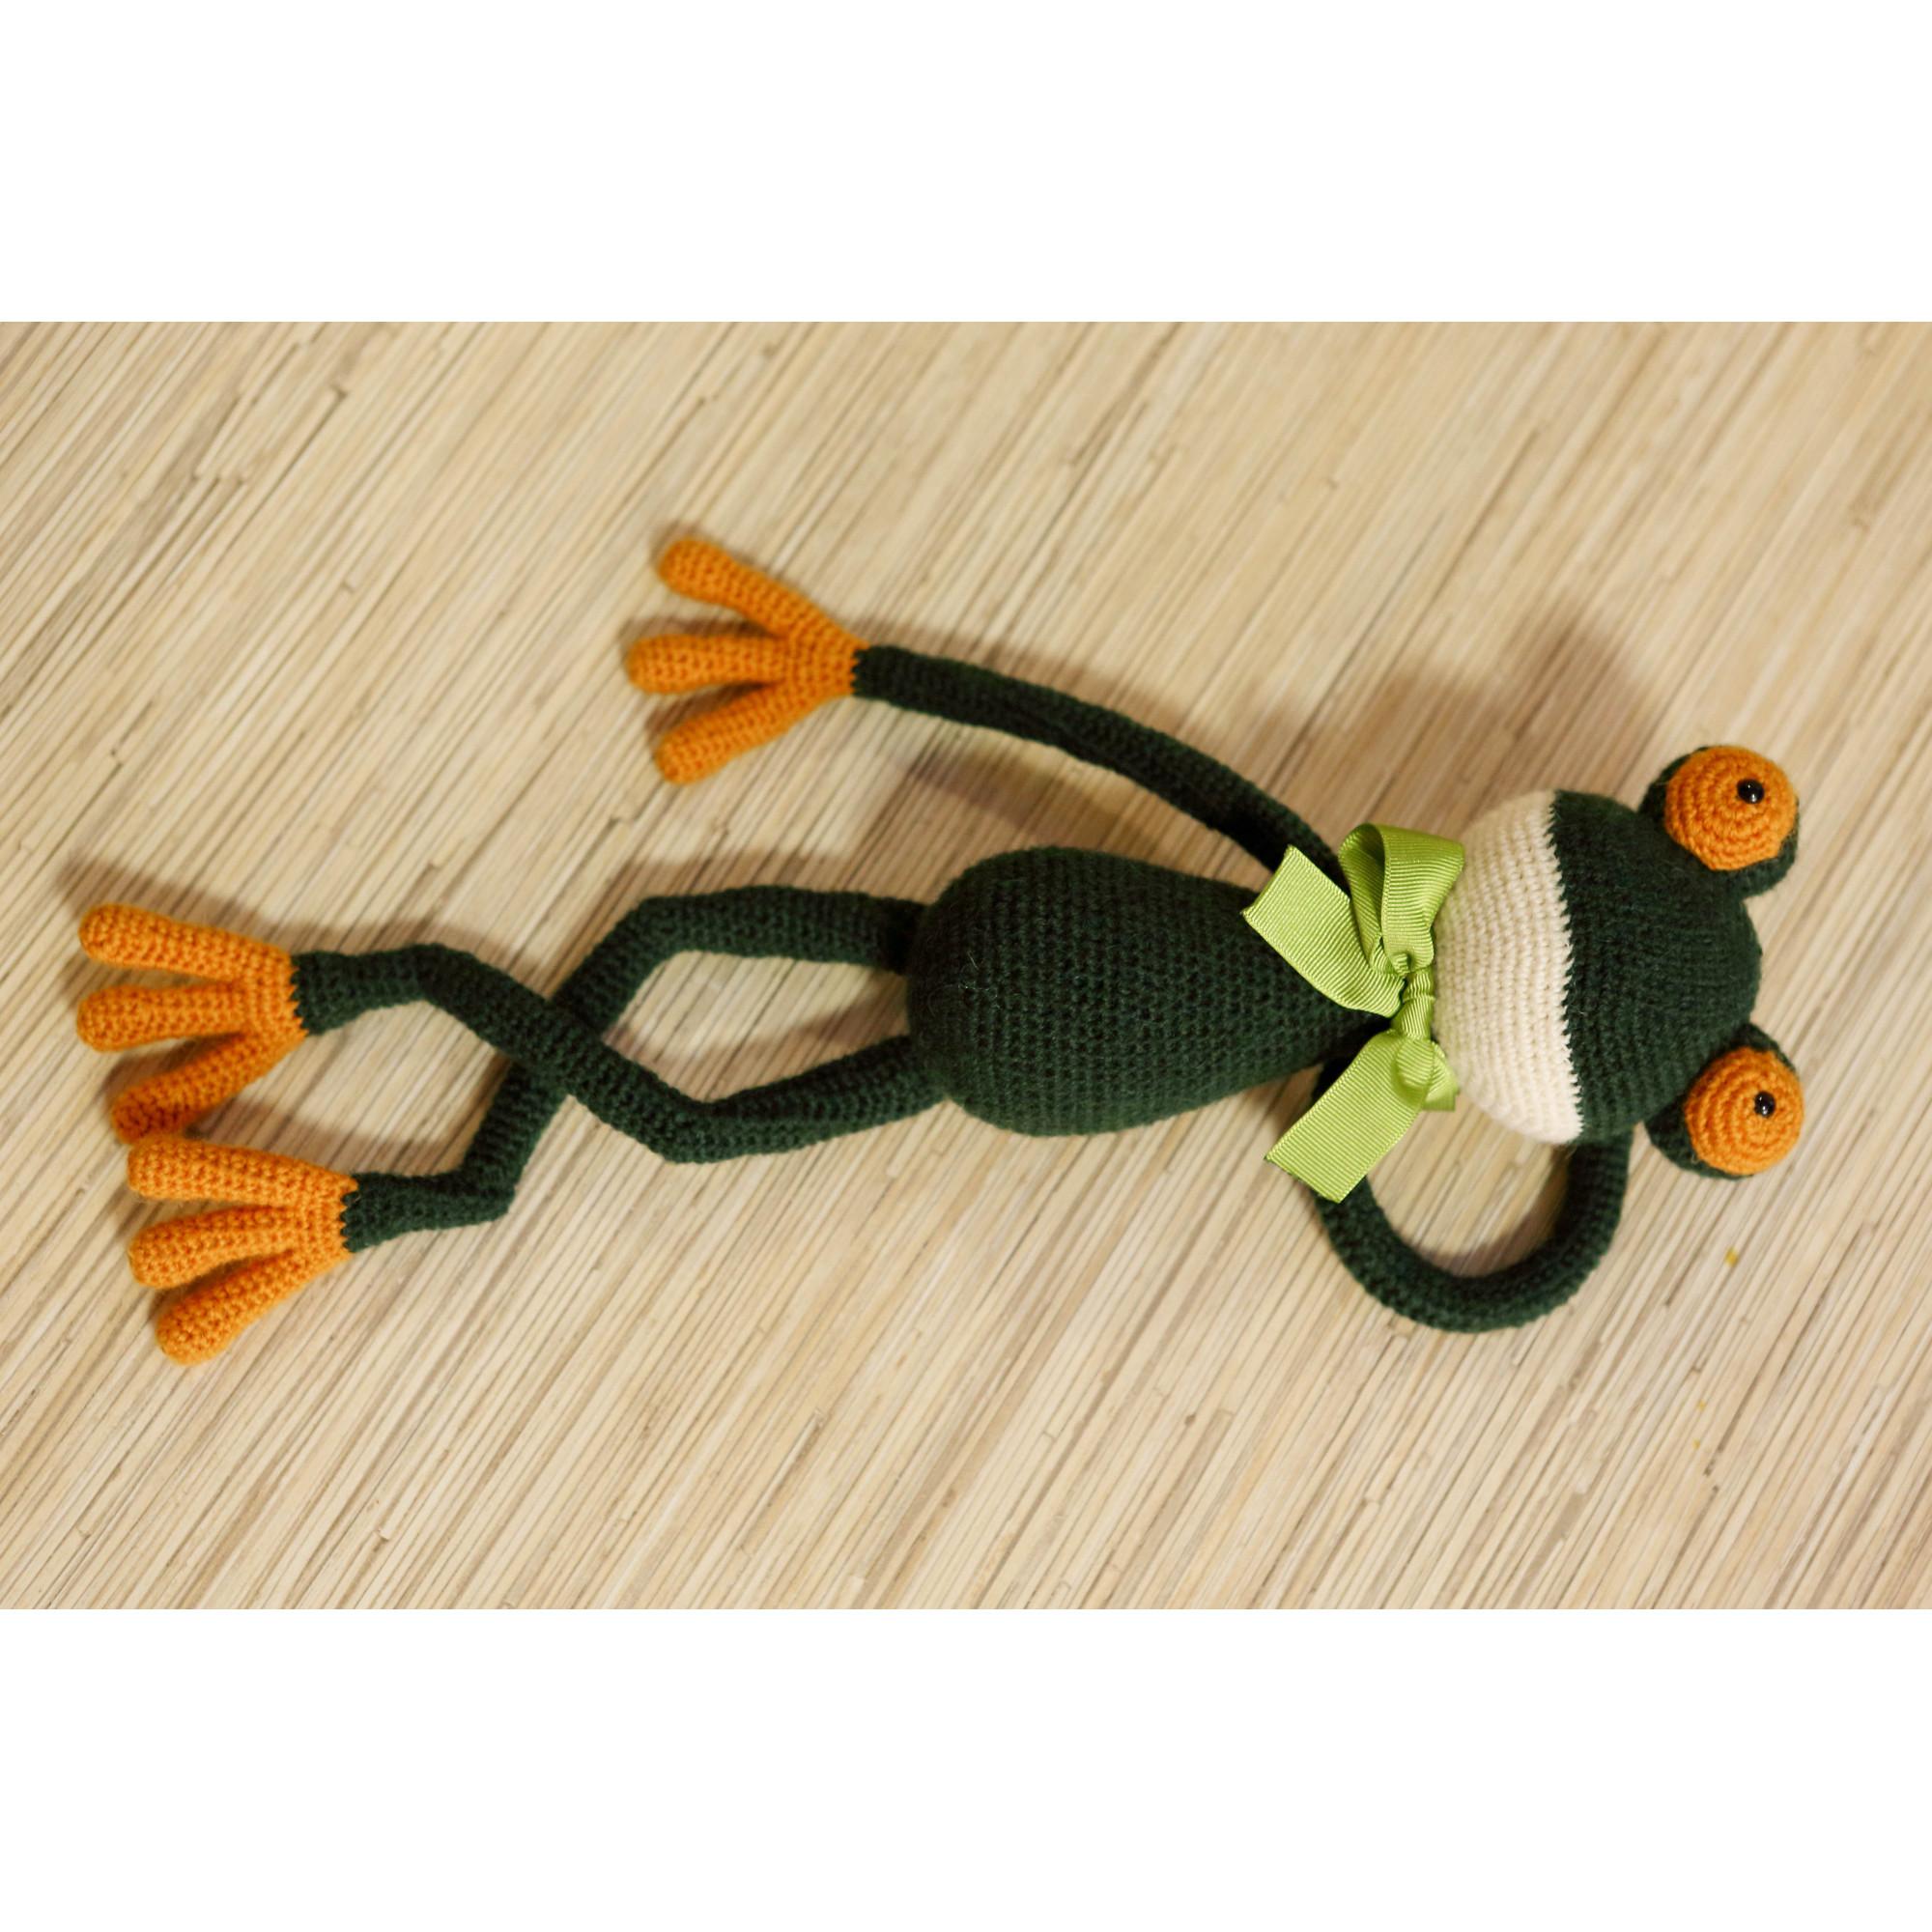 Ribbet Frog Stuff Animal, Cuddly Toy Kids